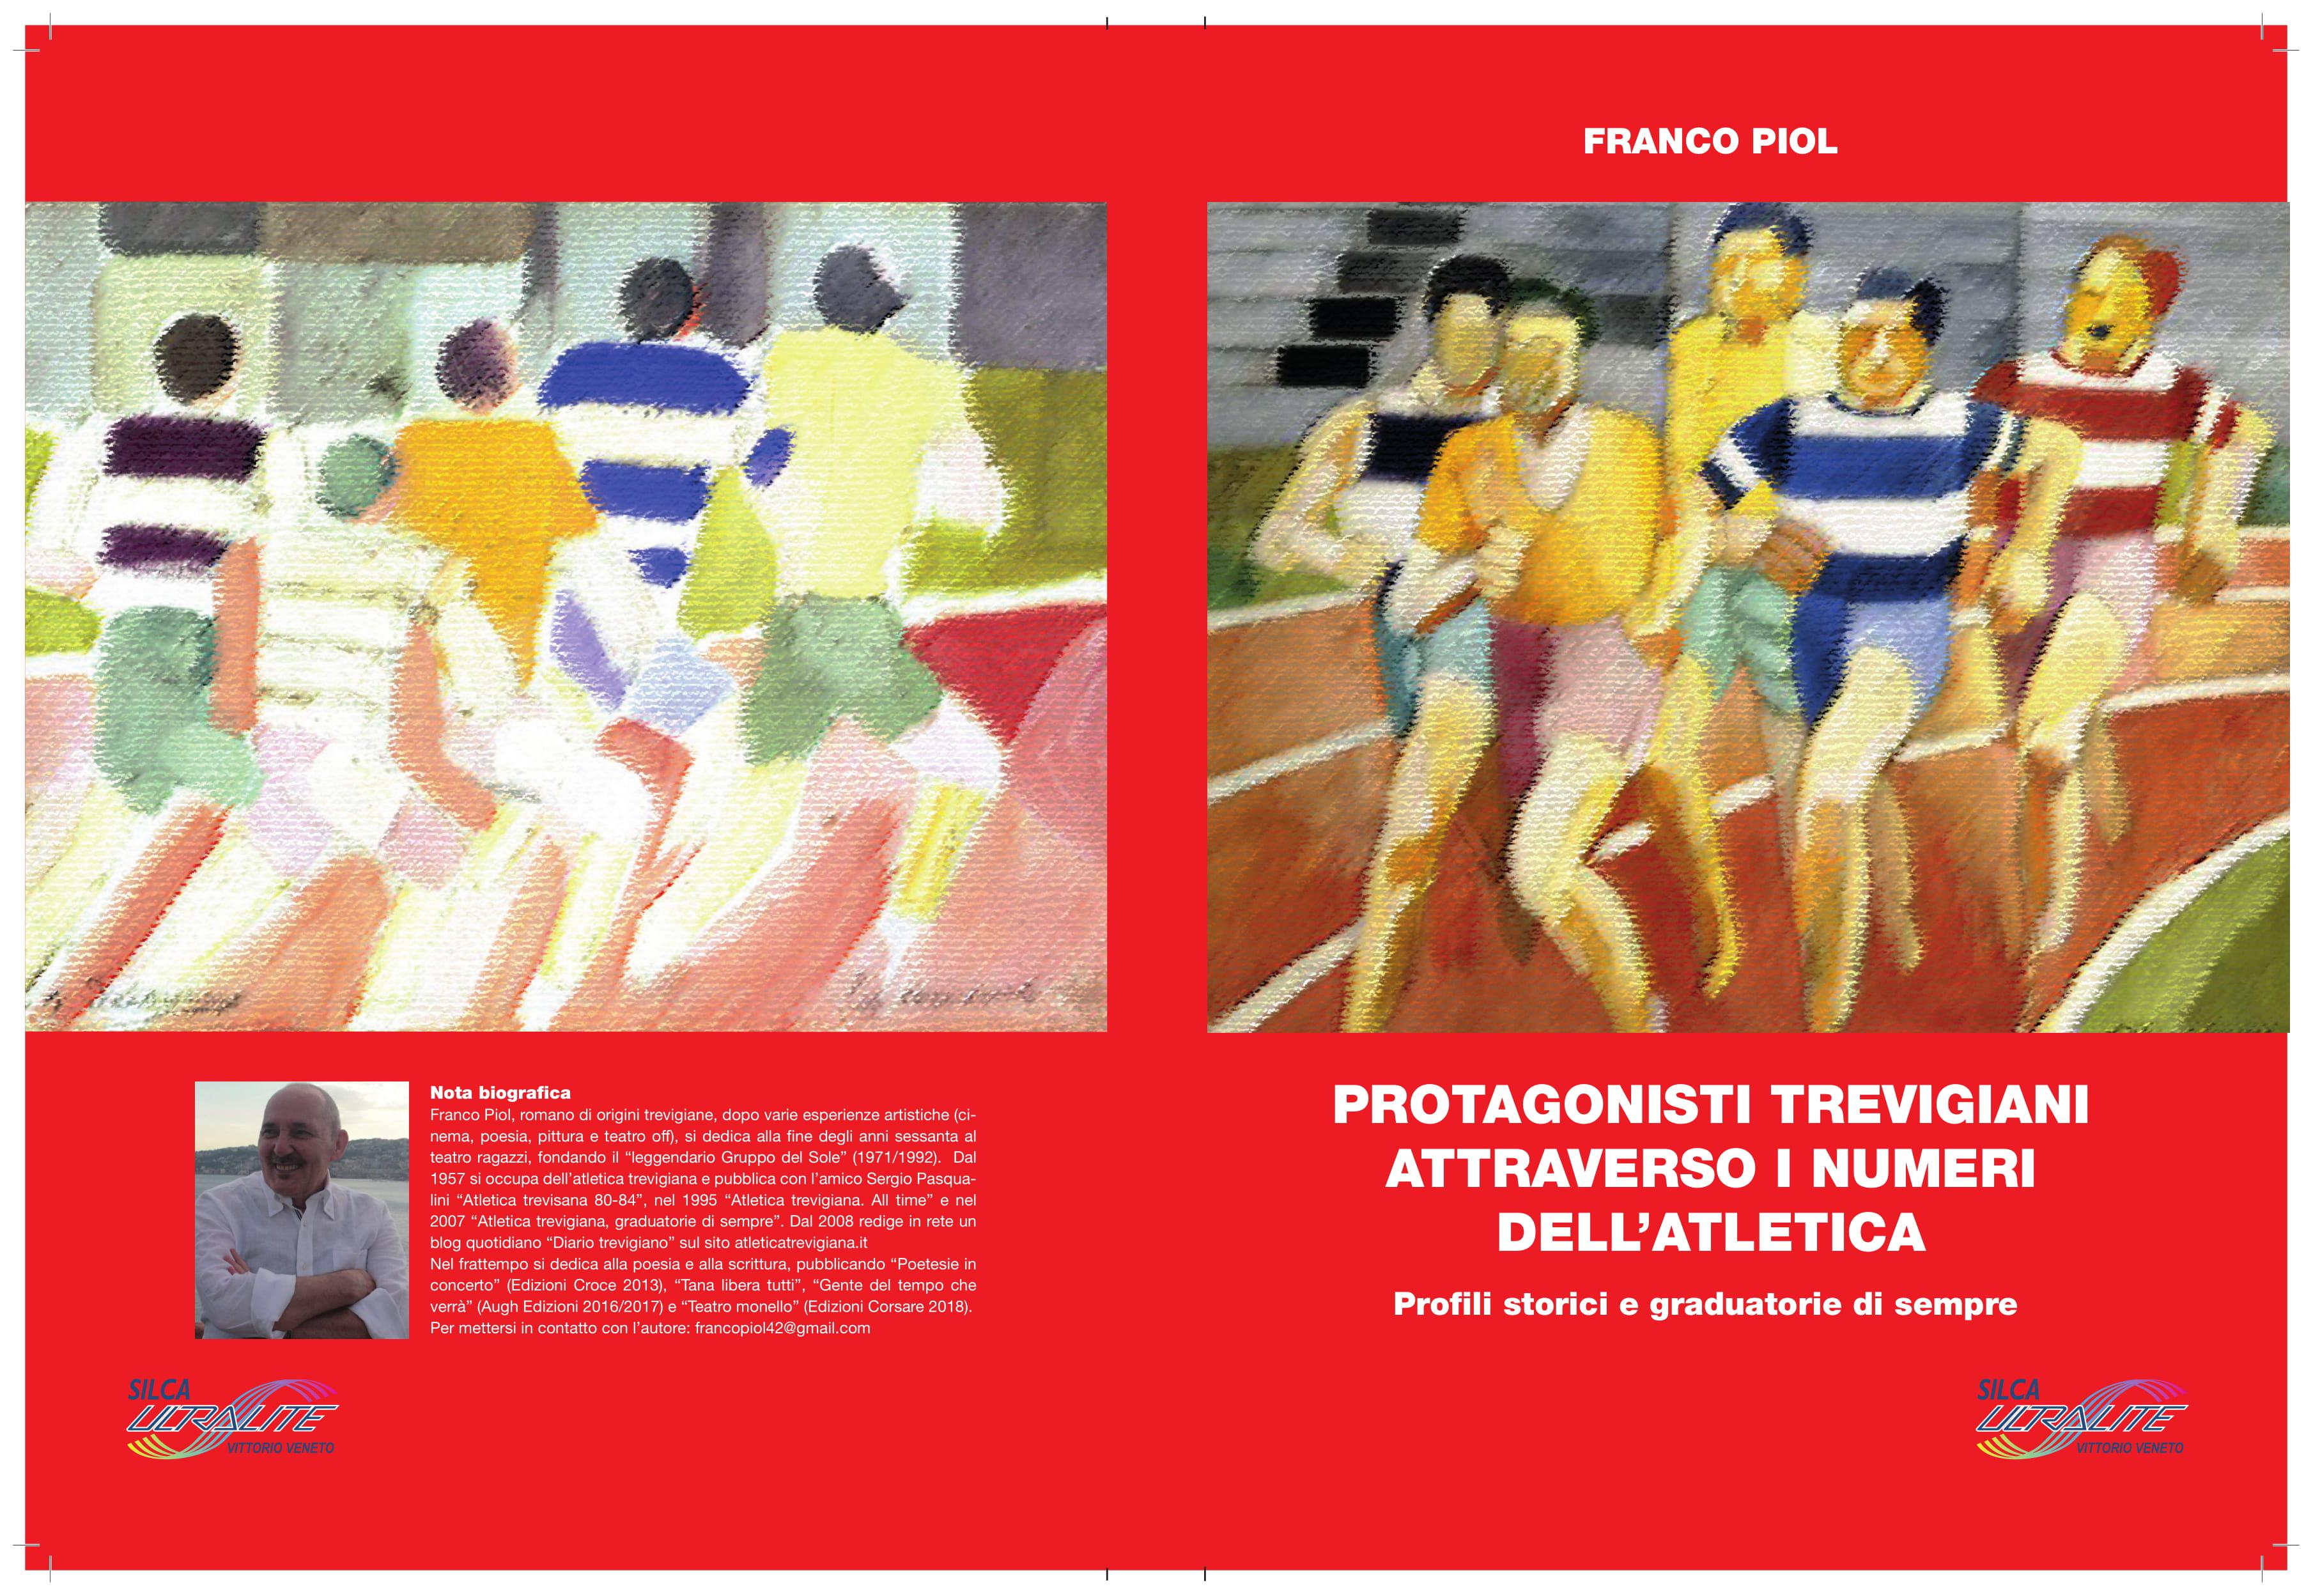 copertina-con-dorsetto-okp1-1.jpg